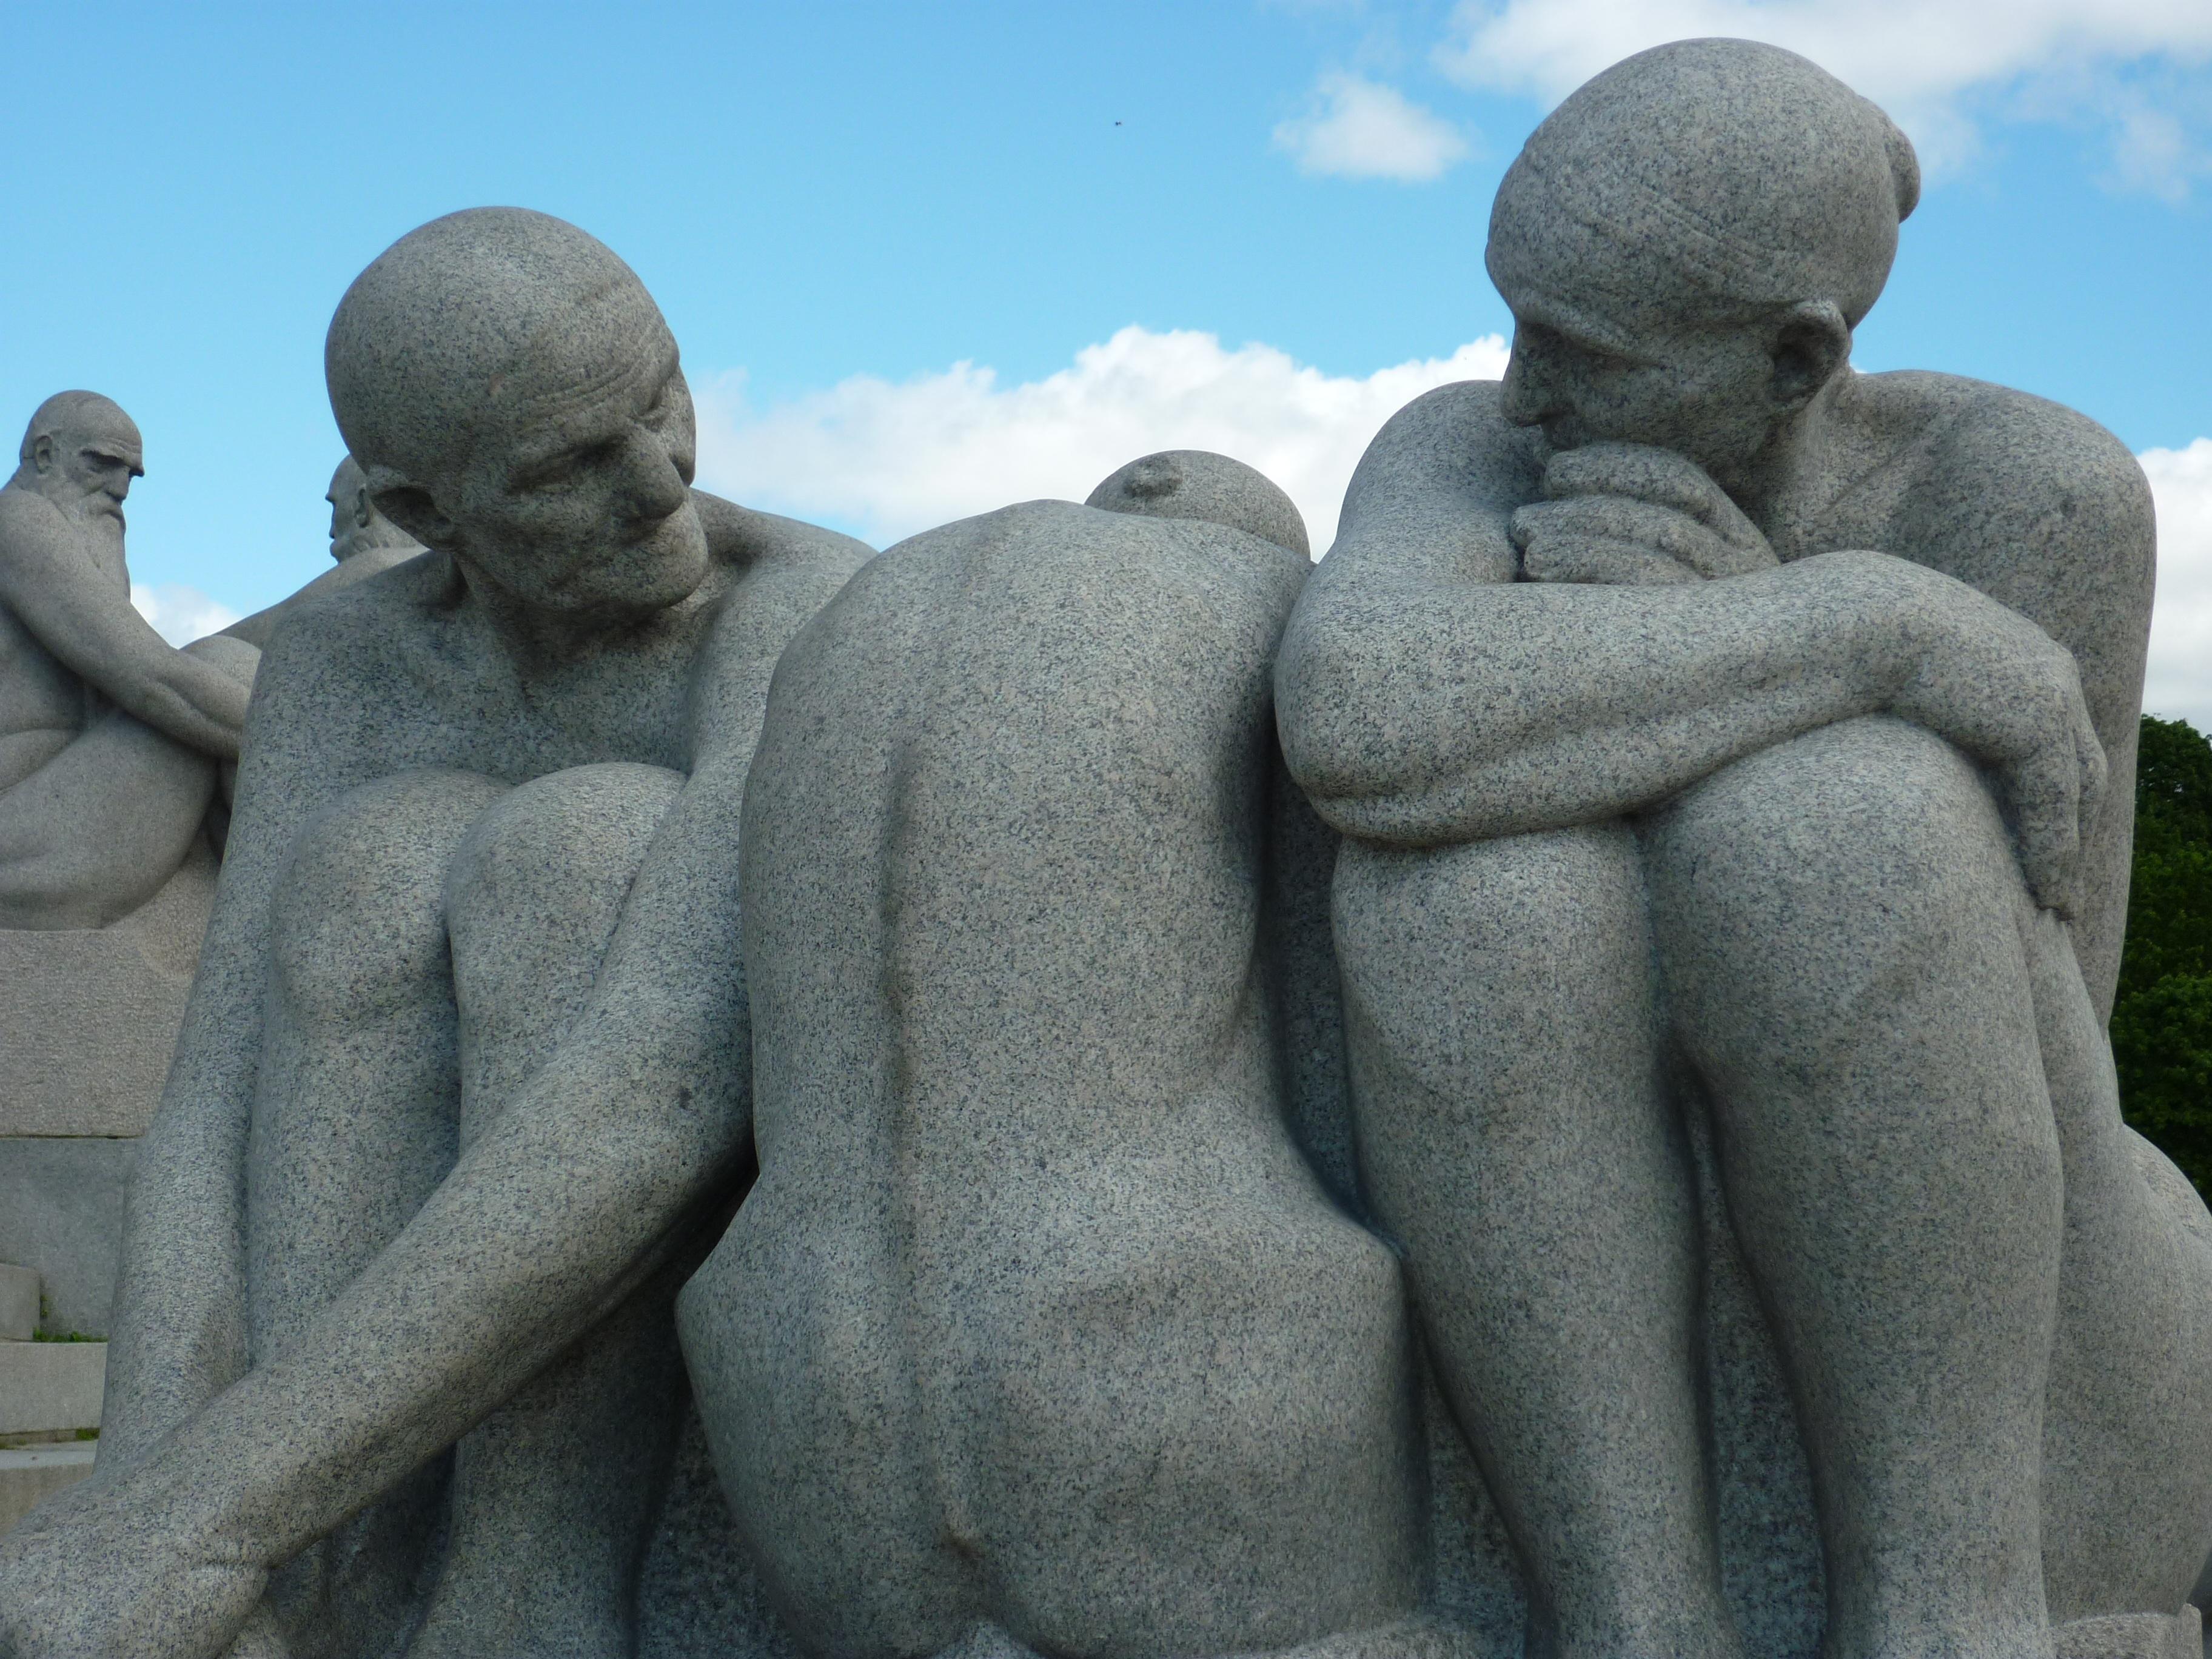 Un grupo escultórico de tres figuras humanas desnudas ya en la vejez